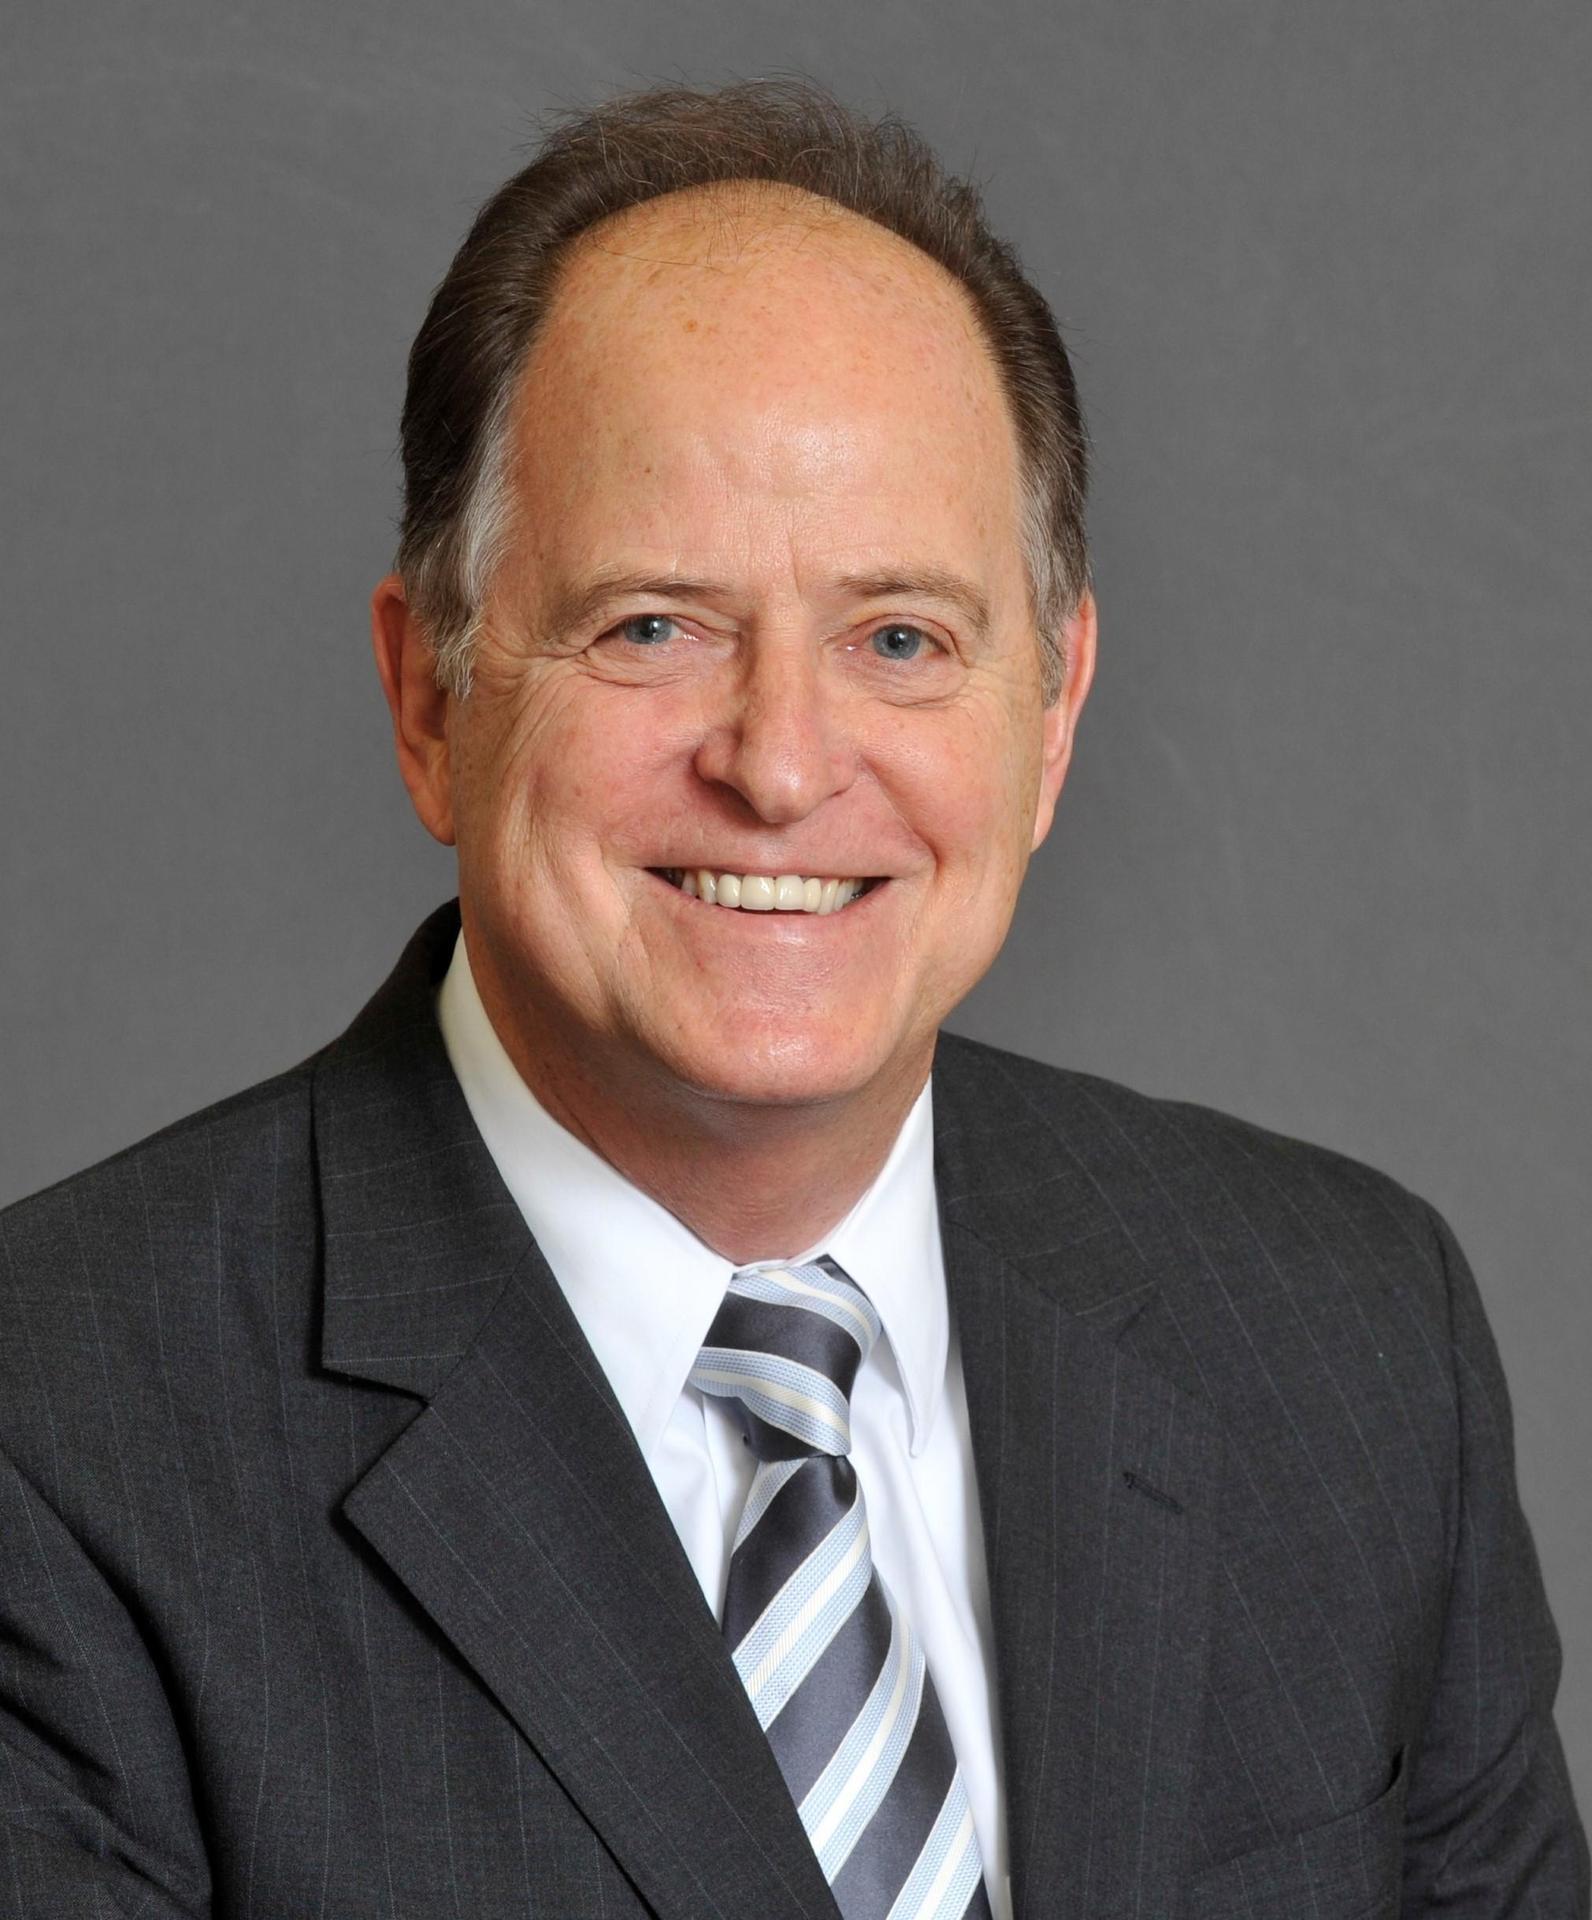 Ed Goscicki